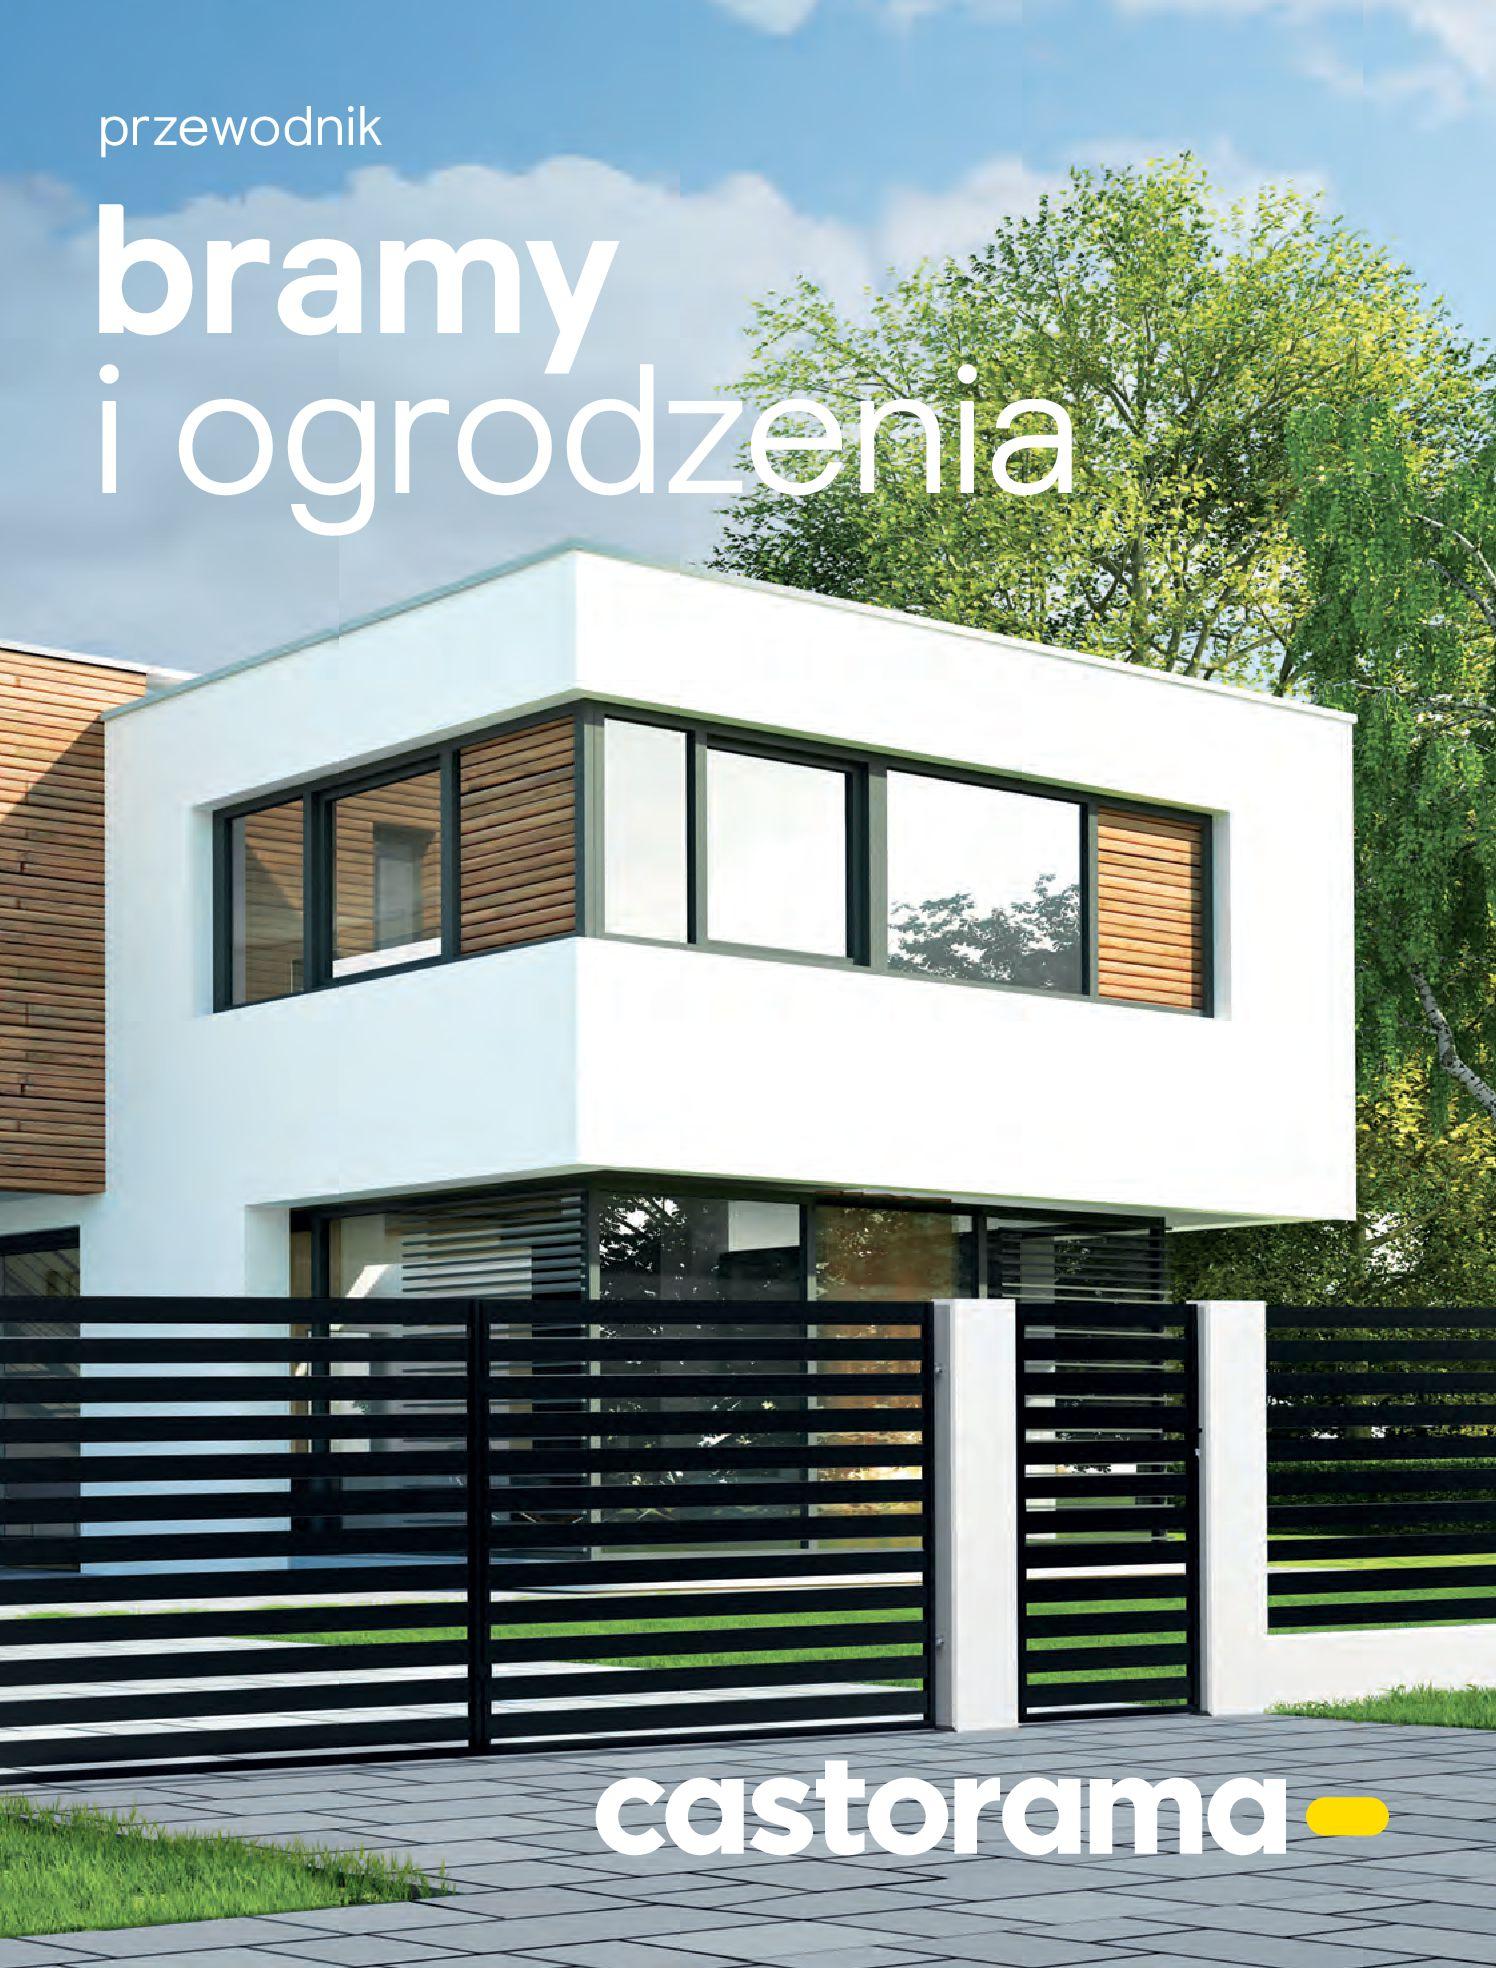 Gazetka Castorama - Przewodnik bramy i ogrodzenia-12.02.2020-30.06.2020-page-1